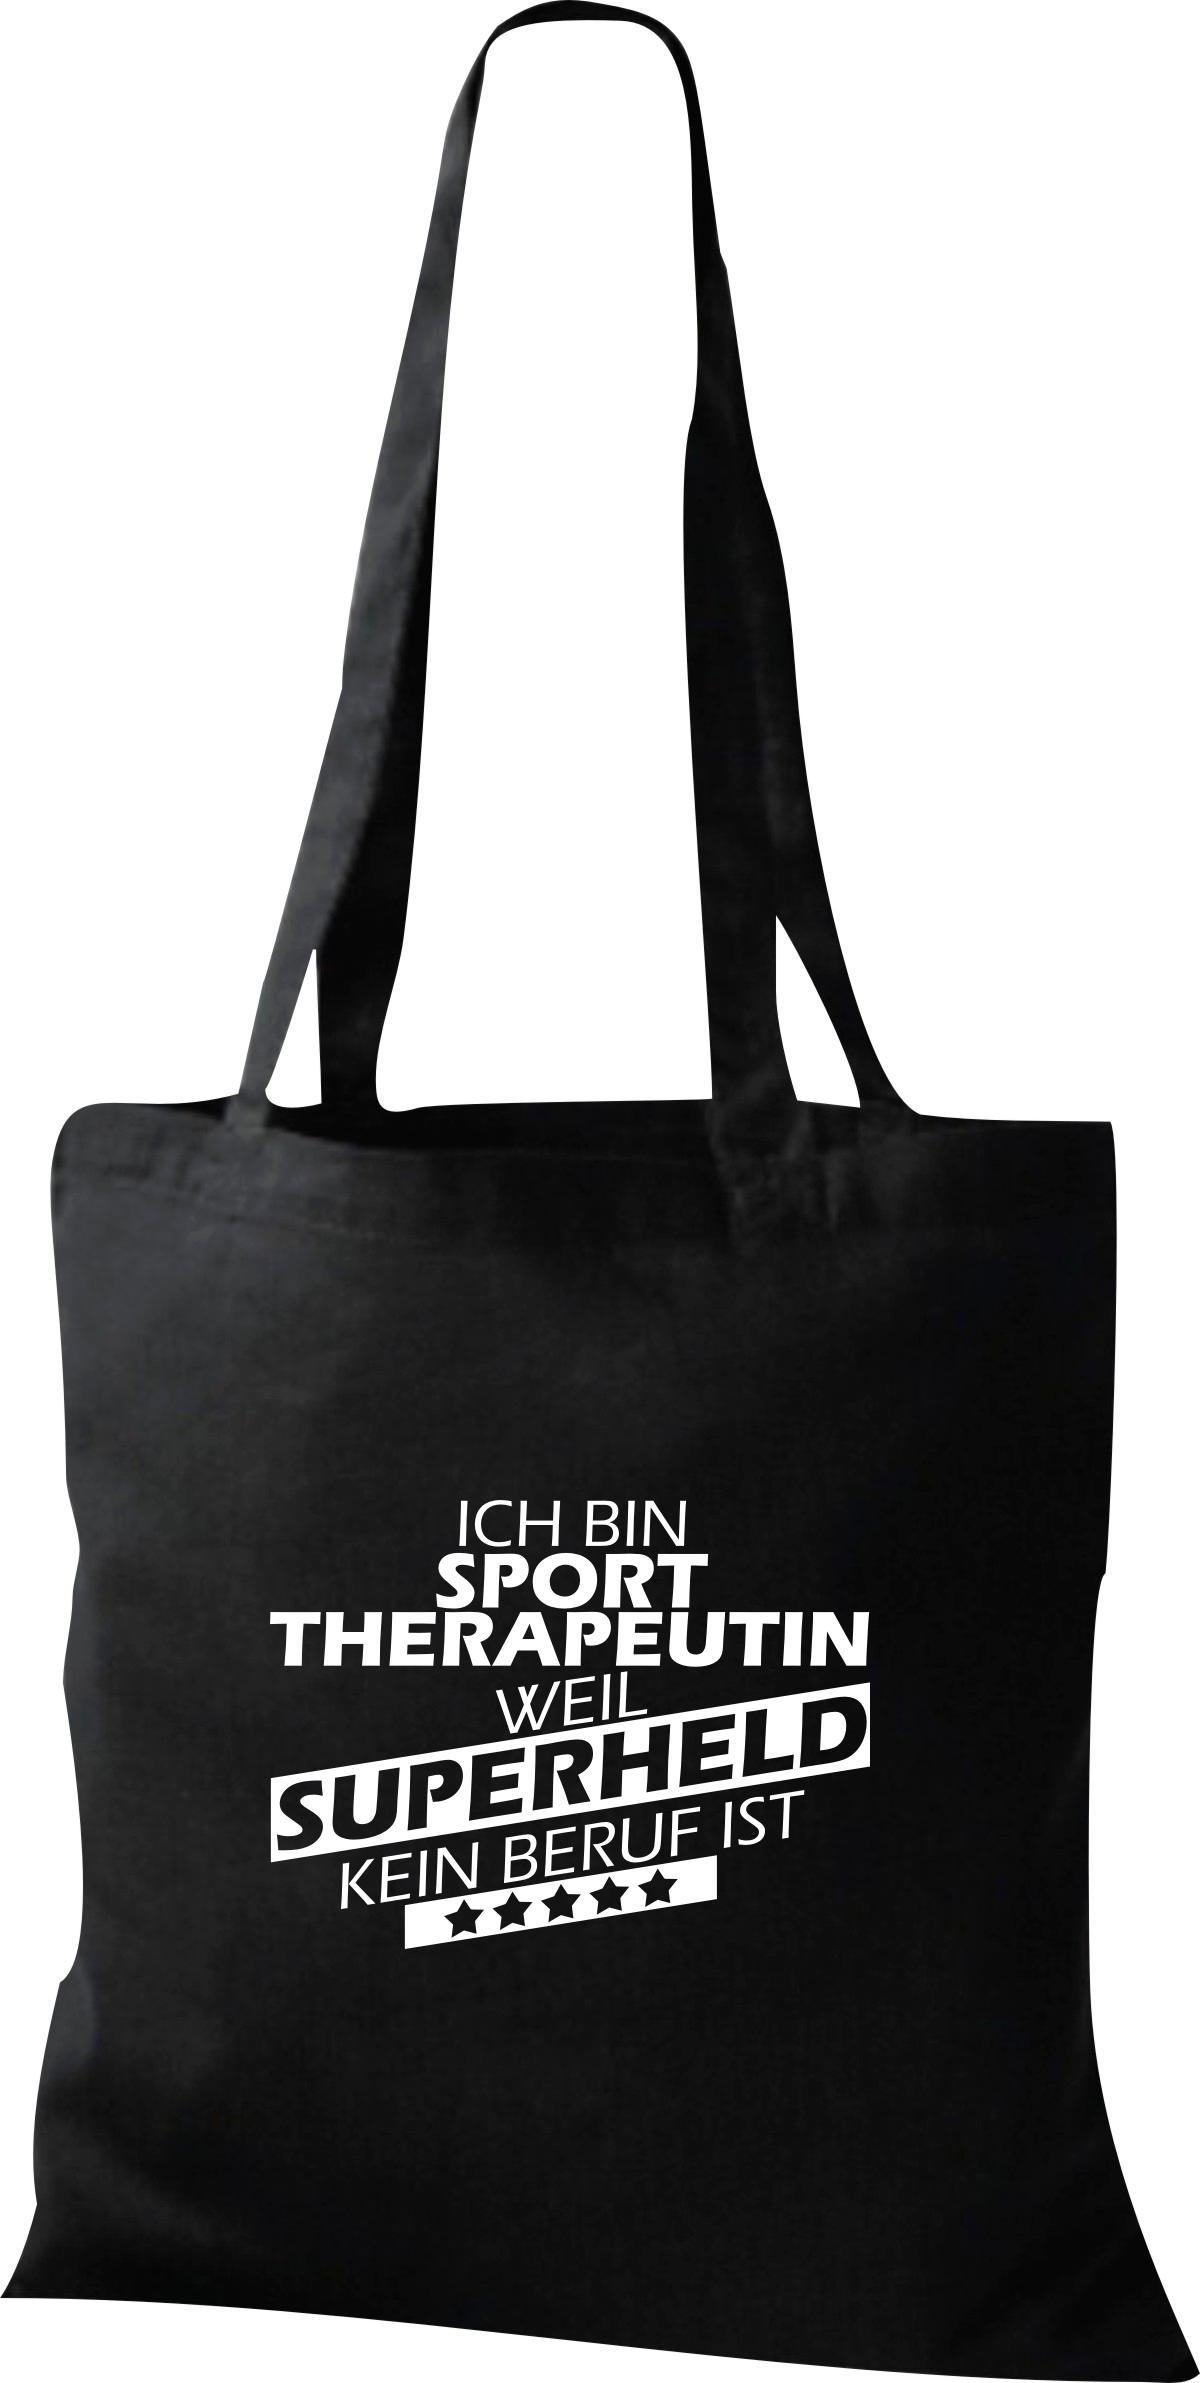 JUTE-Stoffbeutel-Ich-bin-Sporttherapeutin-weil-Superheld-kein-Beruf-ist